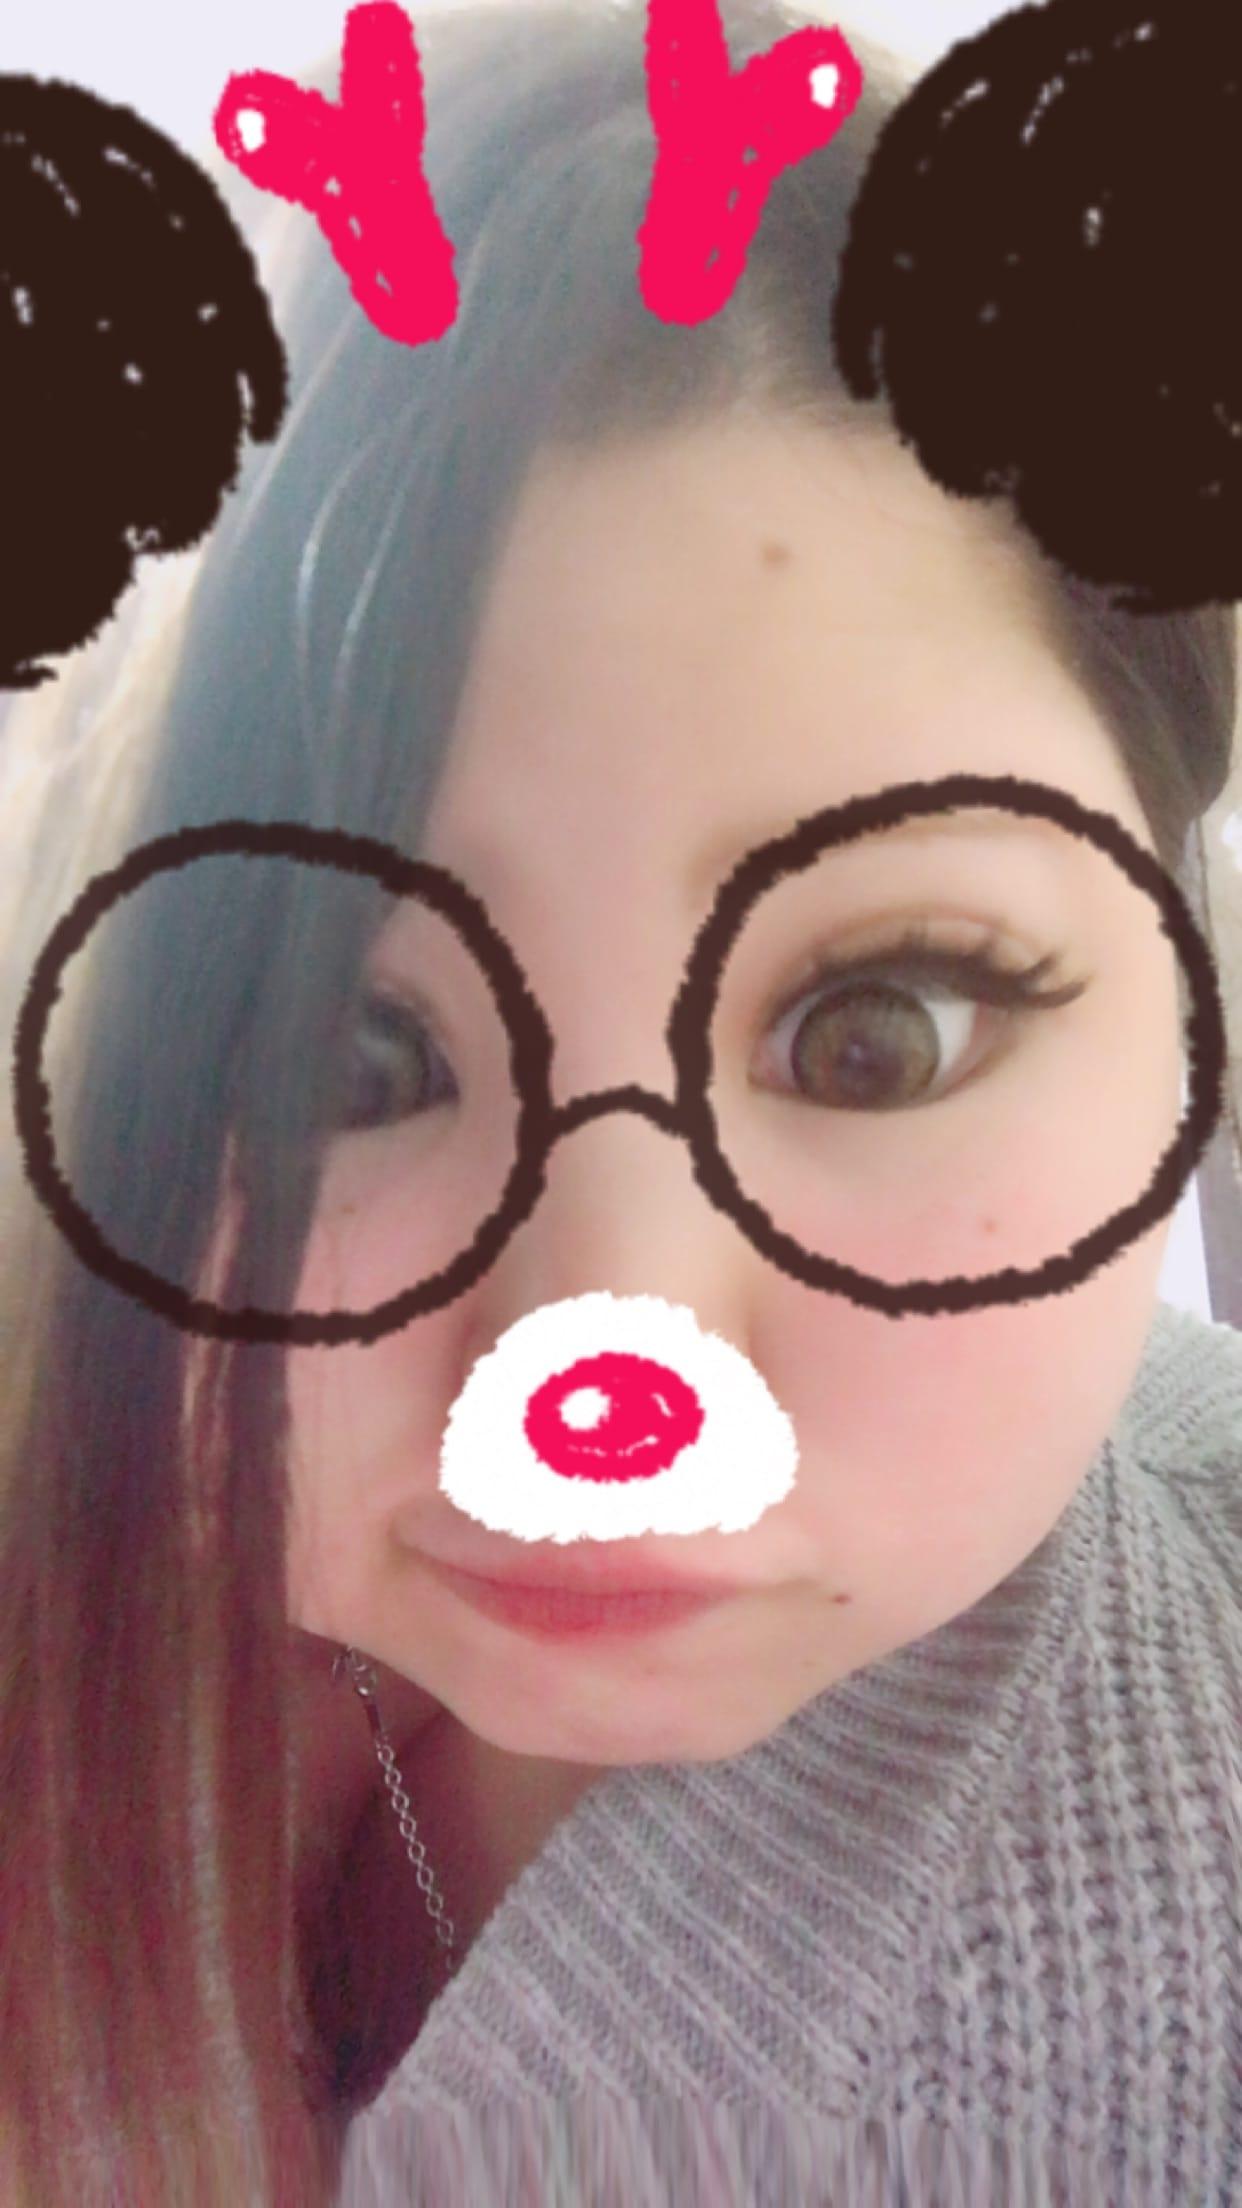 「おはようございます!」12/15(12/15) 19:55 | あゆか※敏感美女の写メ・風俗動画